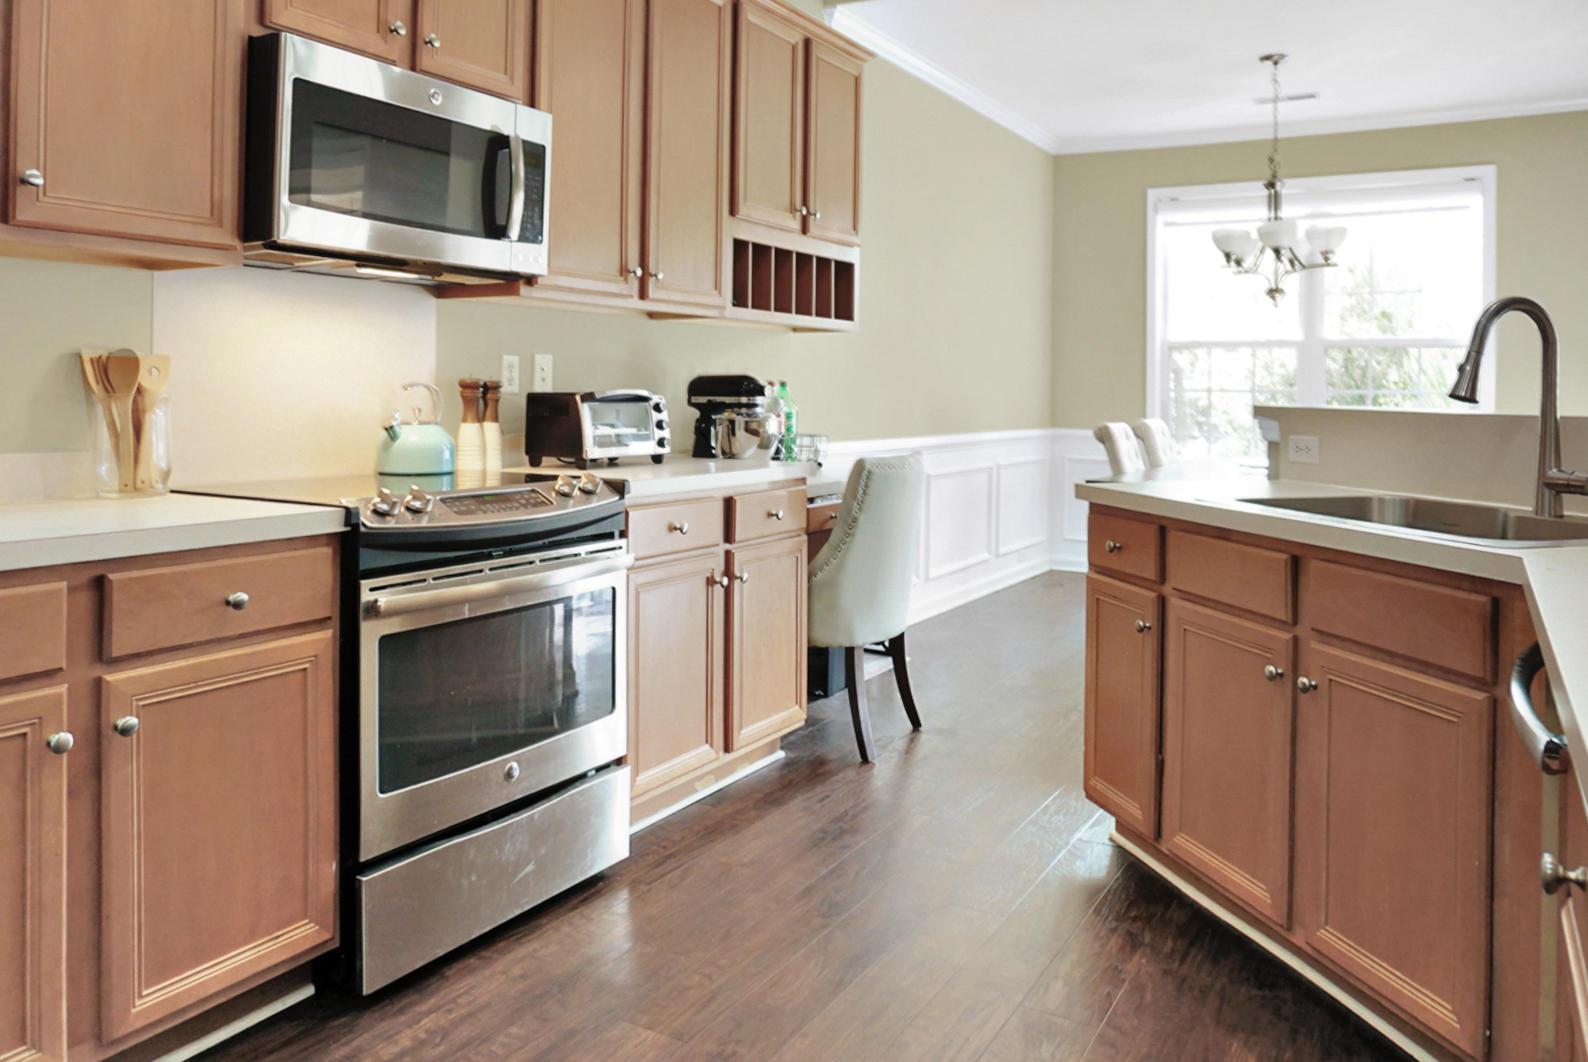 Park West Homes For Sale - 1504 Huxley, Mount Pleasant, SC - 15